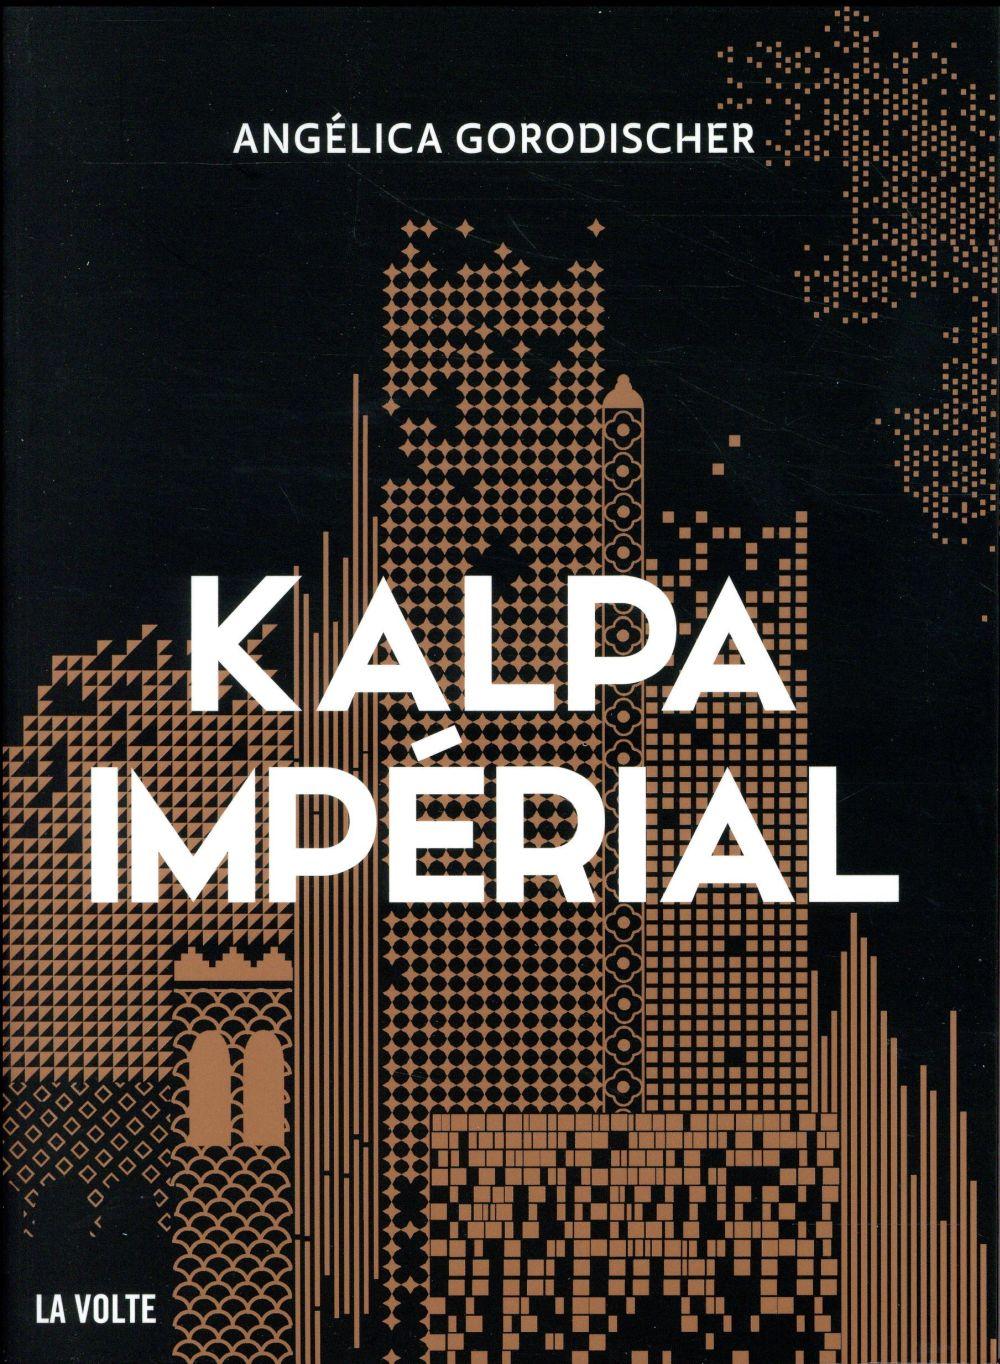 KALPA IMPERIAL